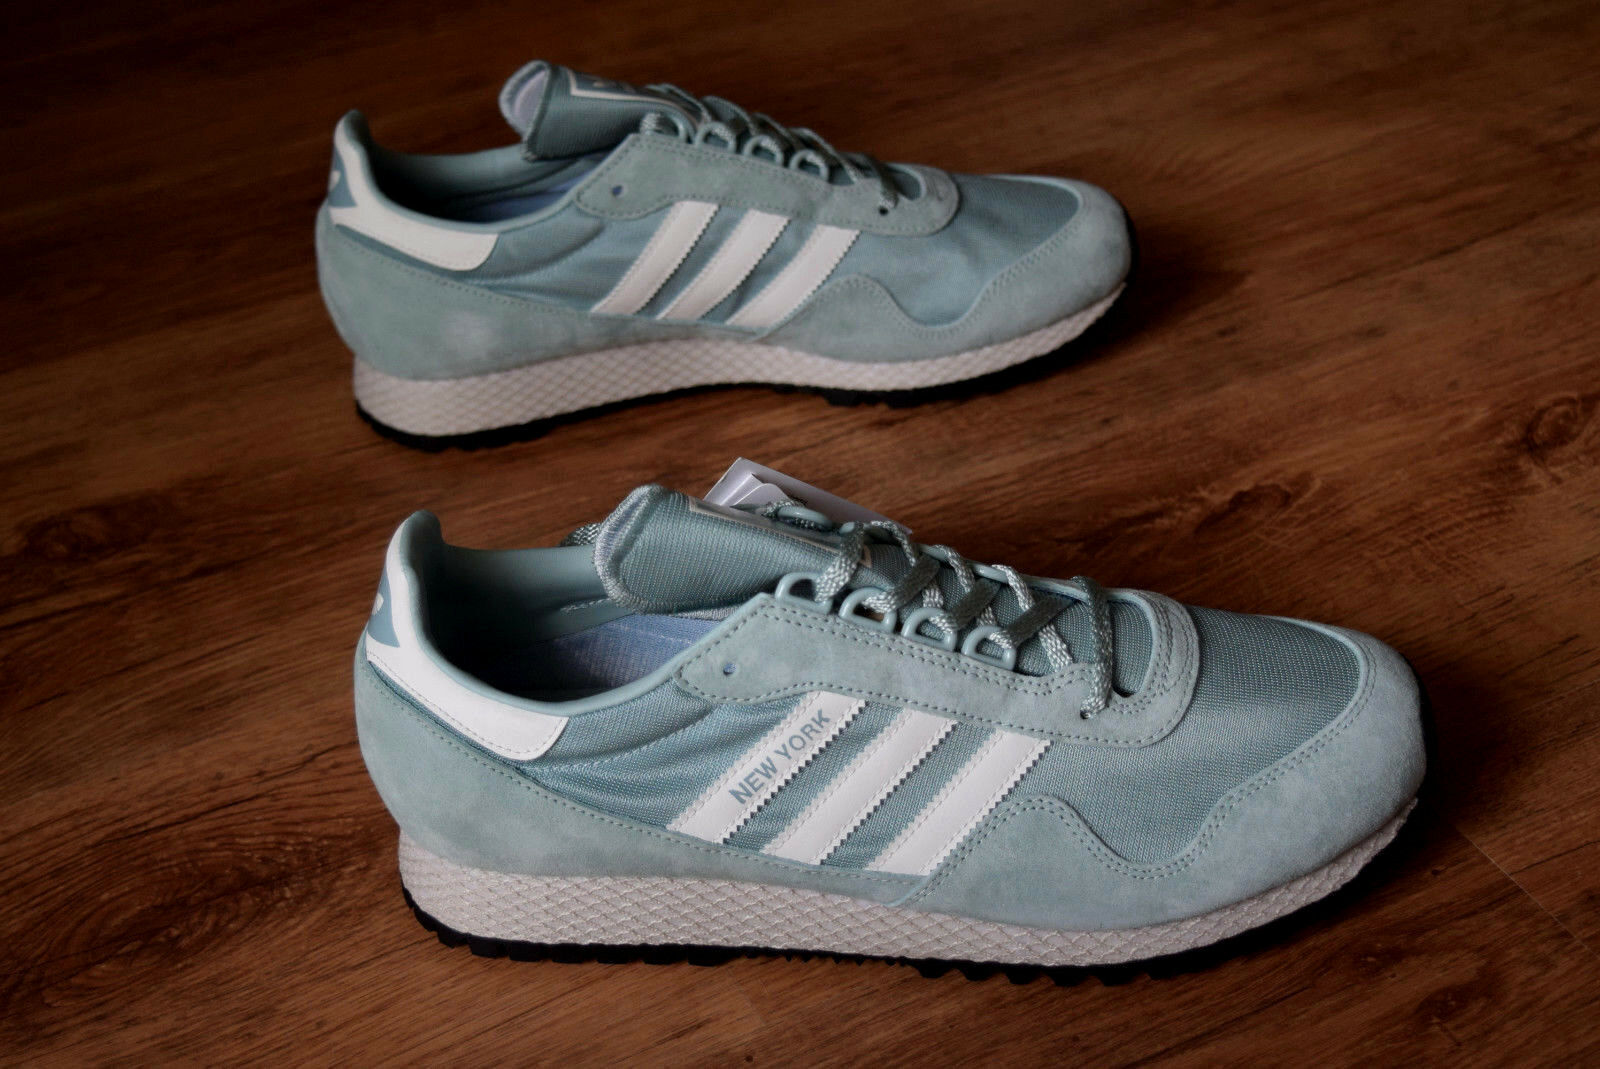 Adidas New York 37 42 38 39 40 41 42 37 43 44 45 46 47 bb1190 country sl vintage ZX 0e3e2a